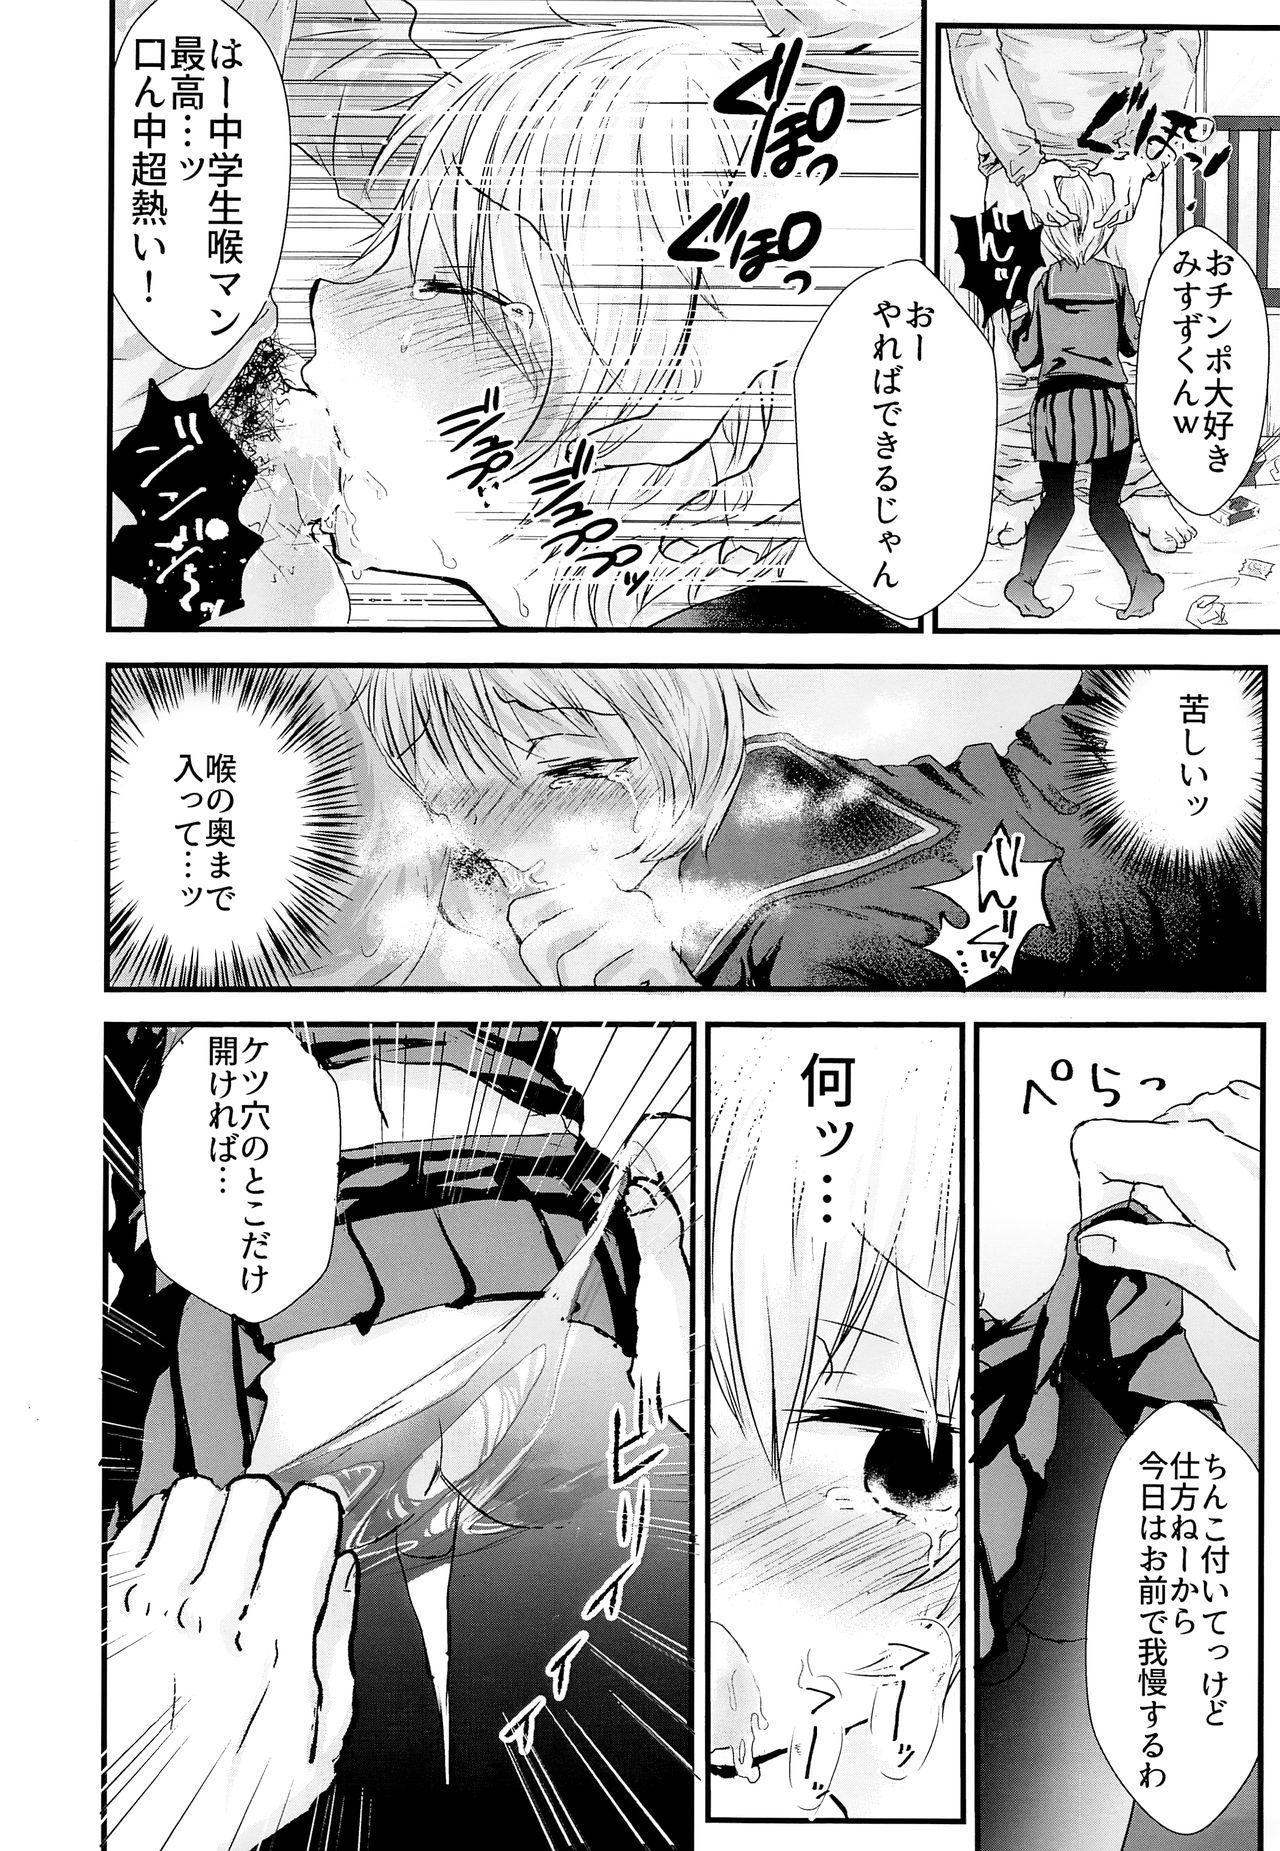 Sailor Fuku o Nugasetara 6